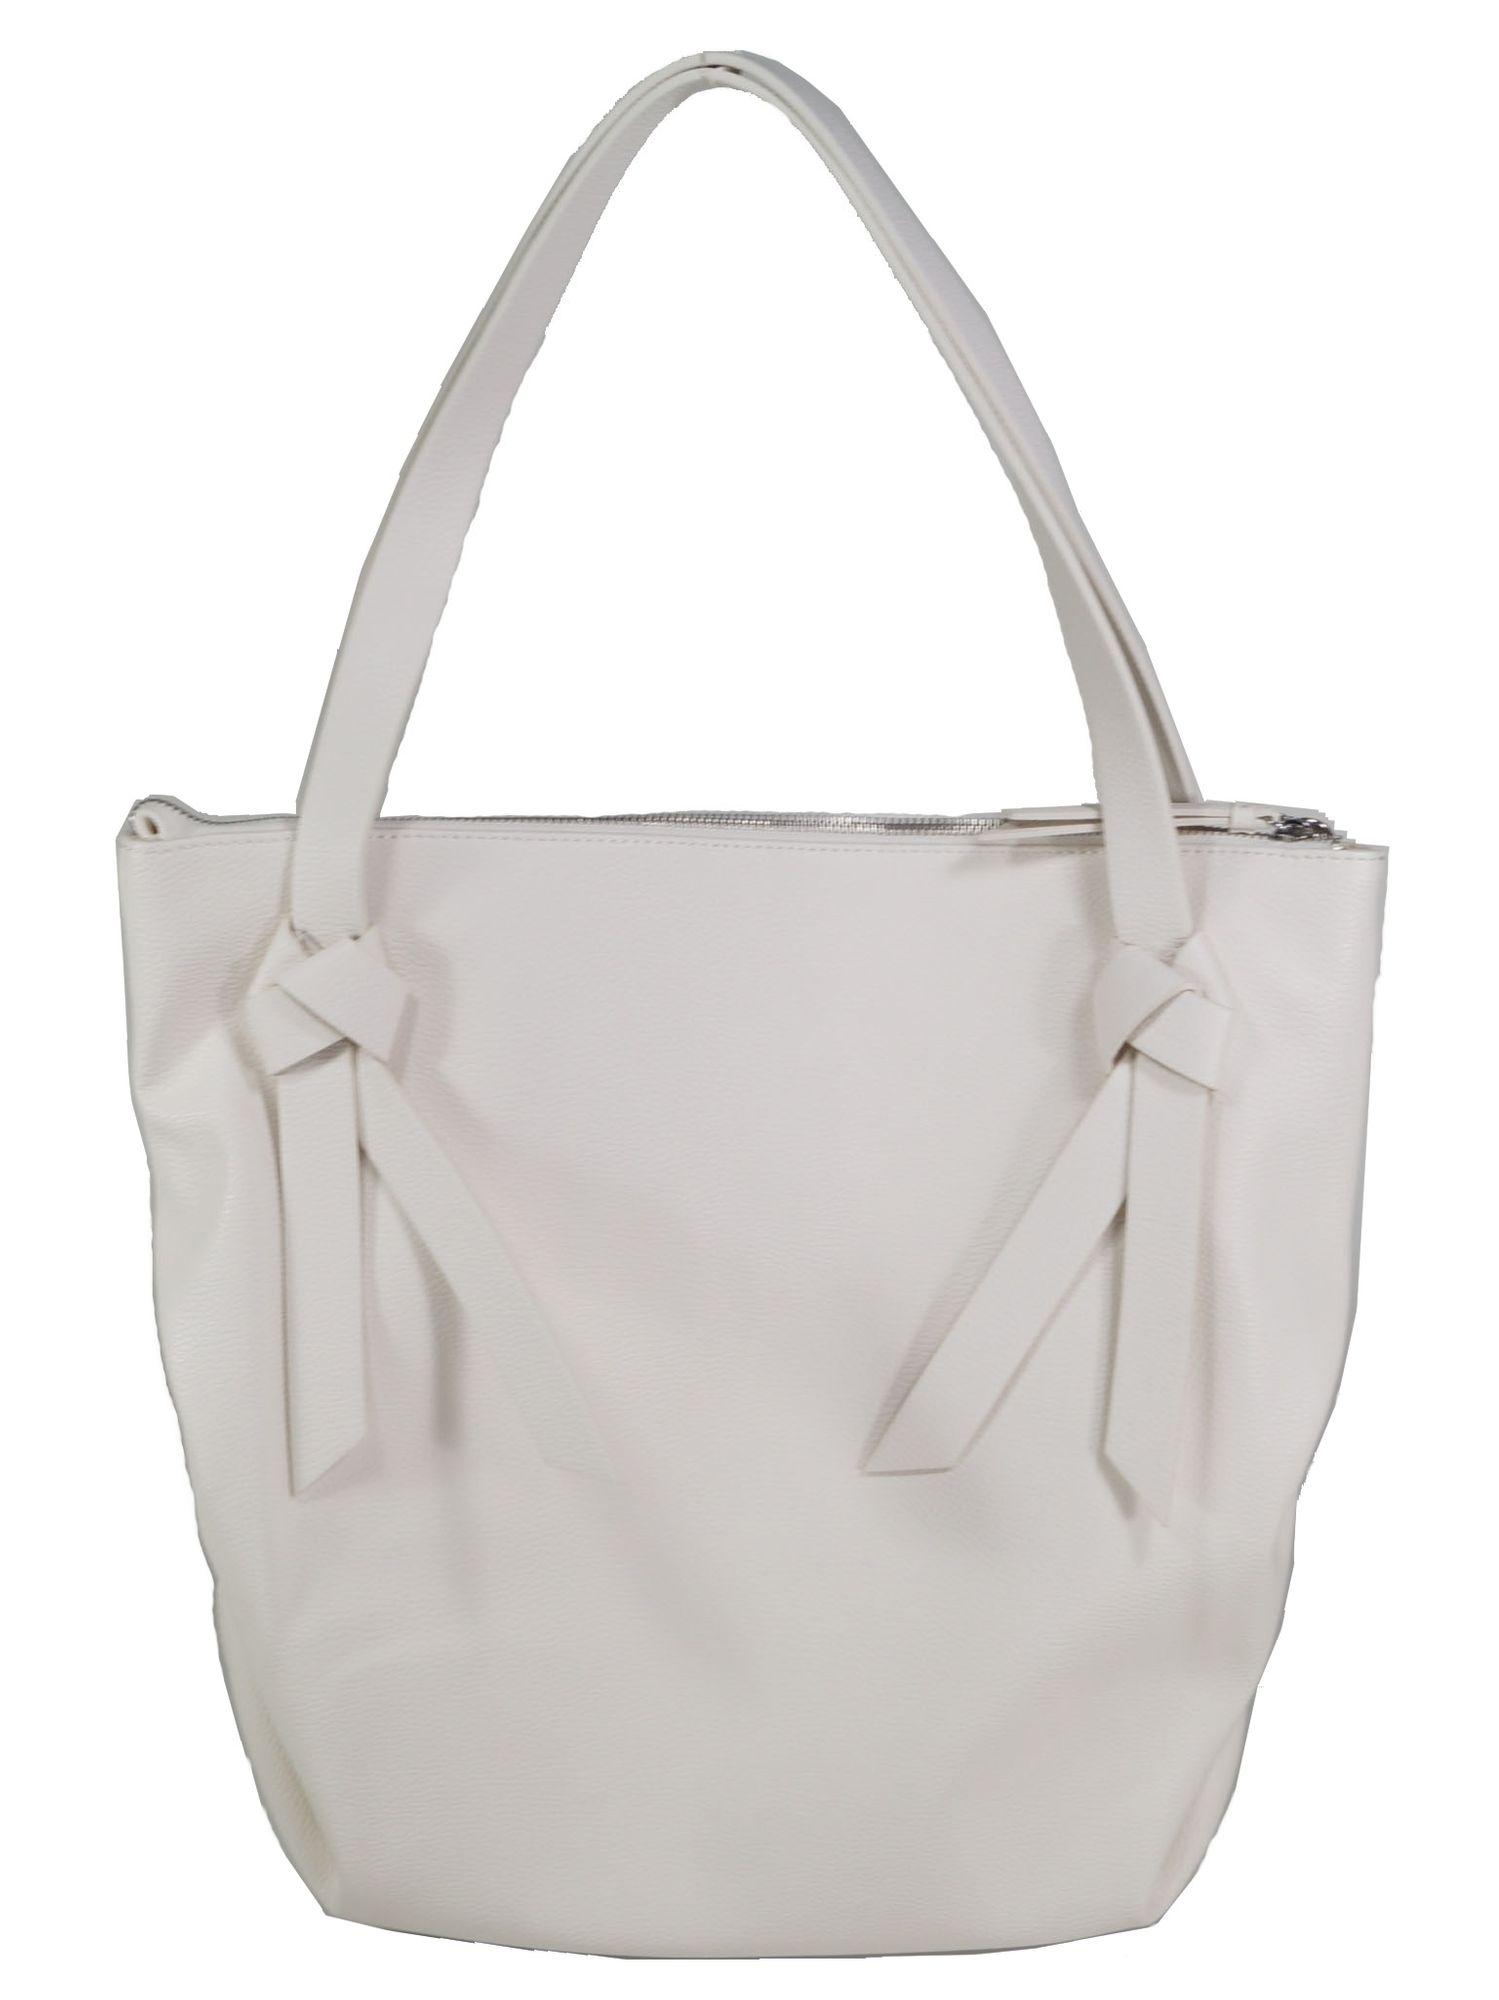 Laufschuhe großer Rabattverkauf neue Fotos Esprit Damen Handtasche Tasche Henkeltasche Charly Shopper Weiß |  starlabels outdoor lifestyle leder